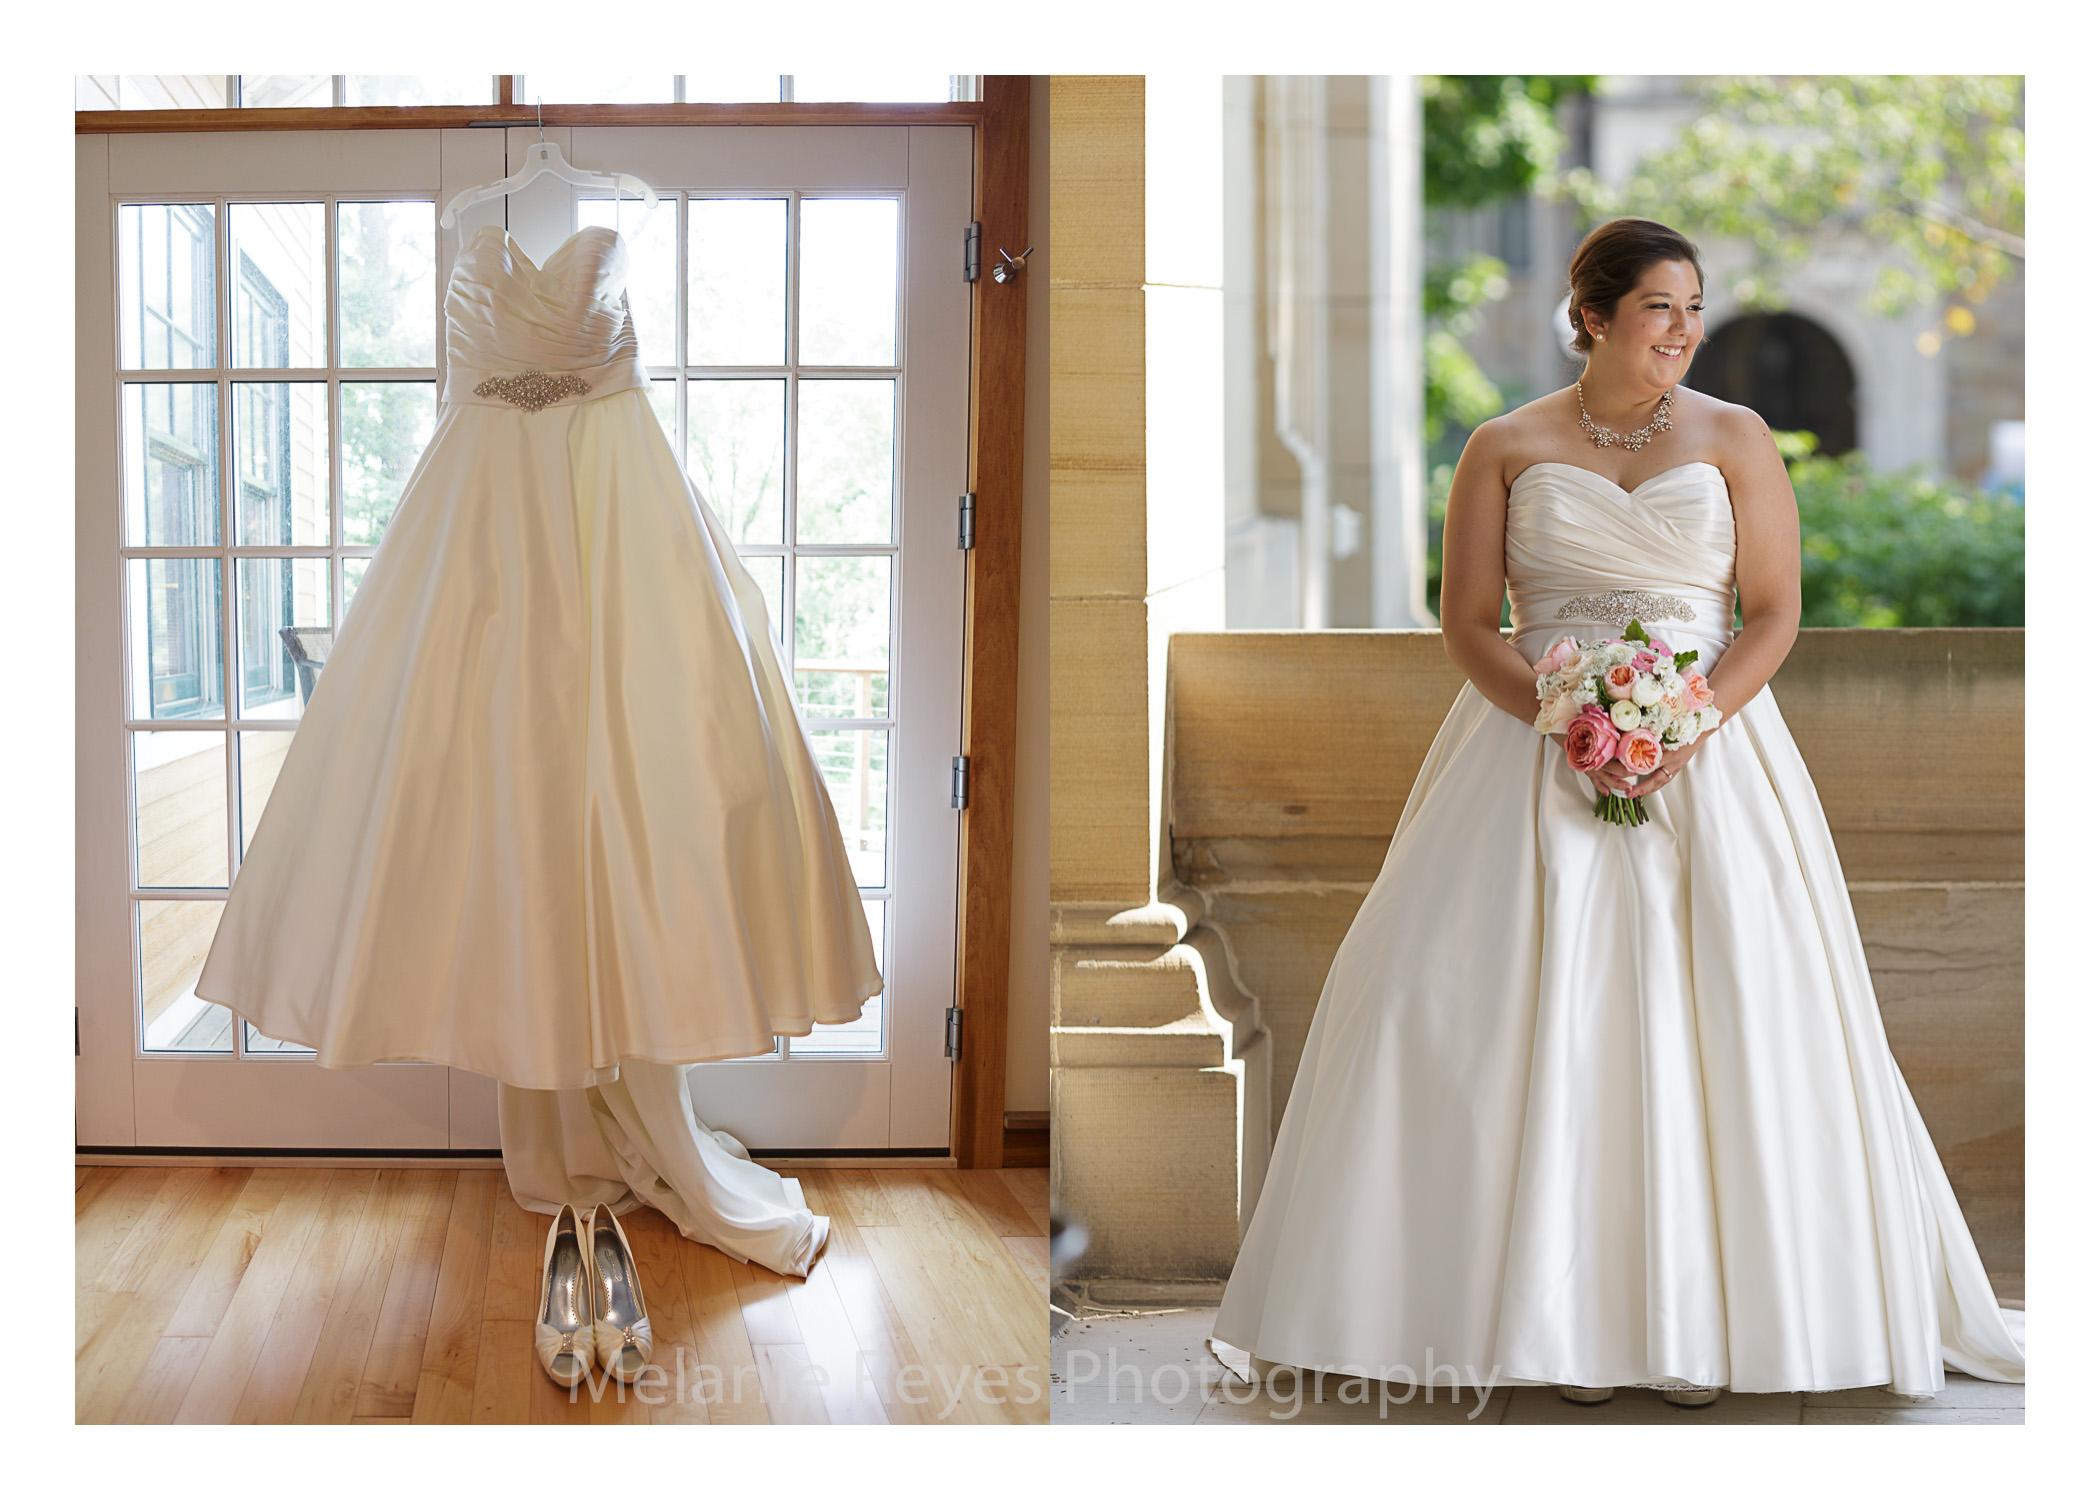 MC_annarbor_ufom_wedding_023a